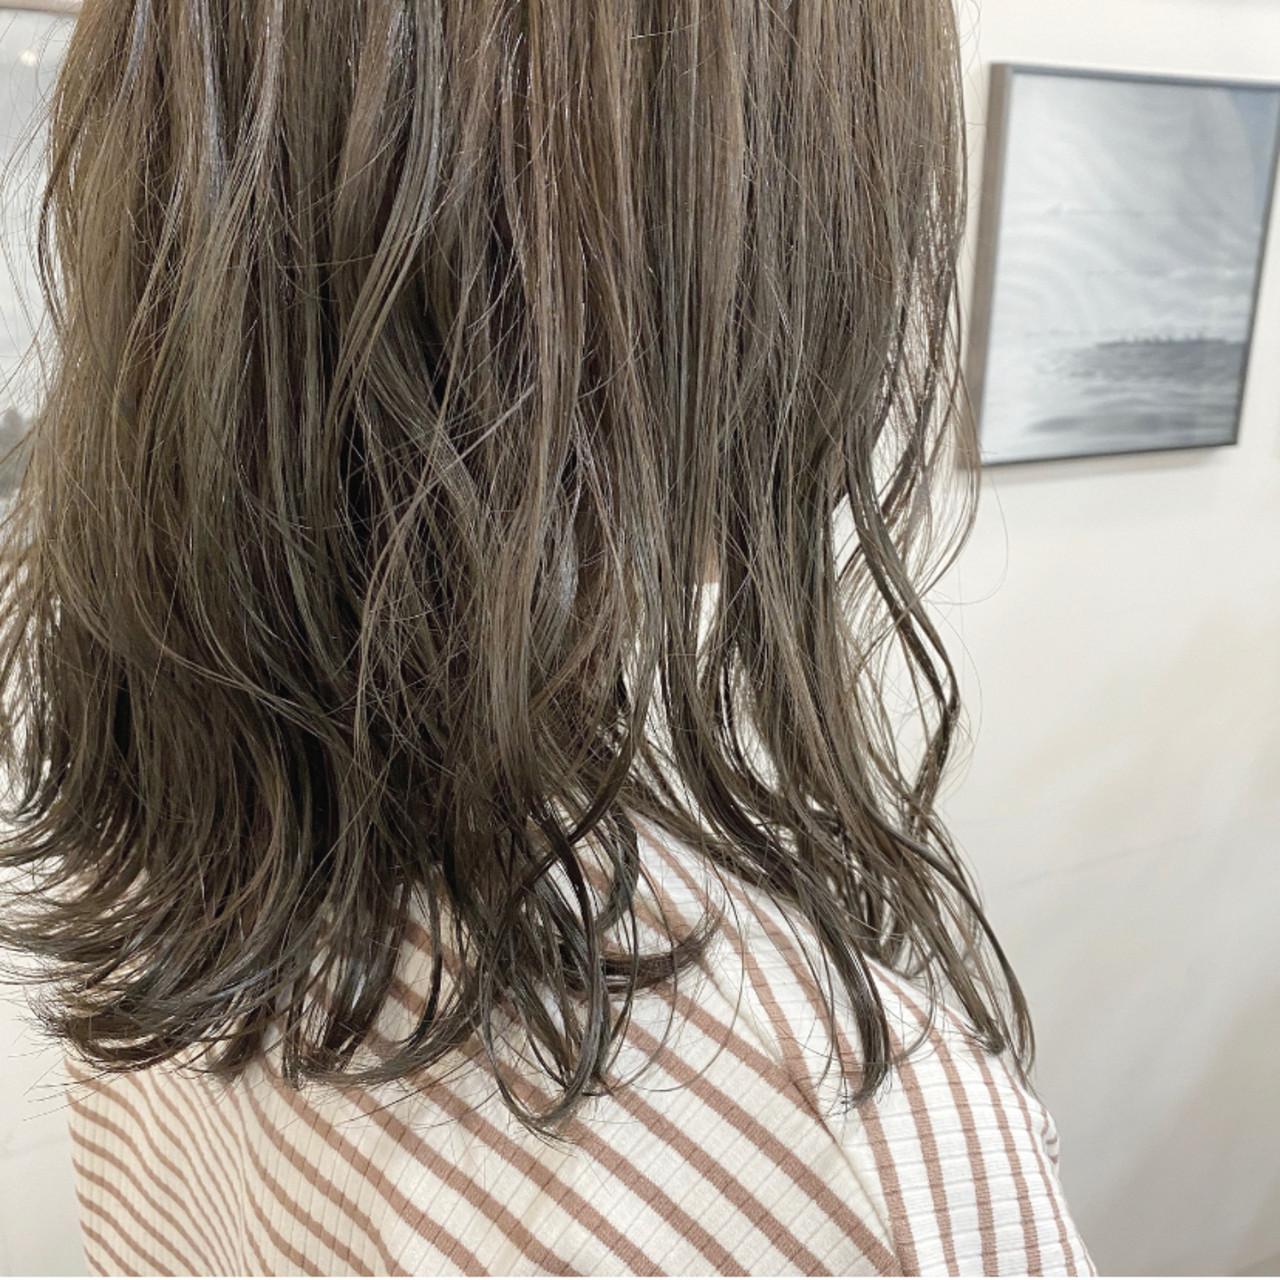 ミルクティーベージュ ミルクティーグレージュ ナチュラル セミロング ヘアスタイルや髪型の写真・画像